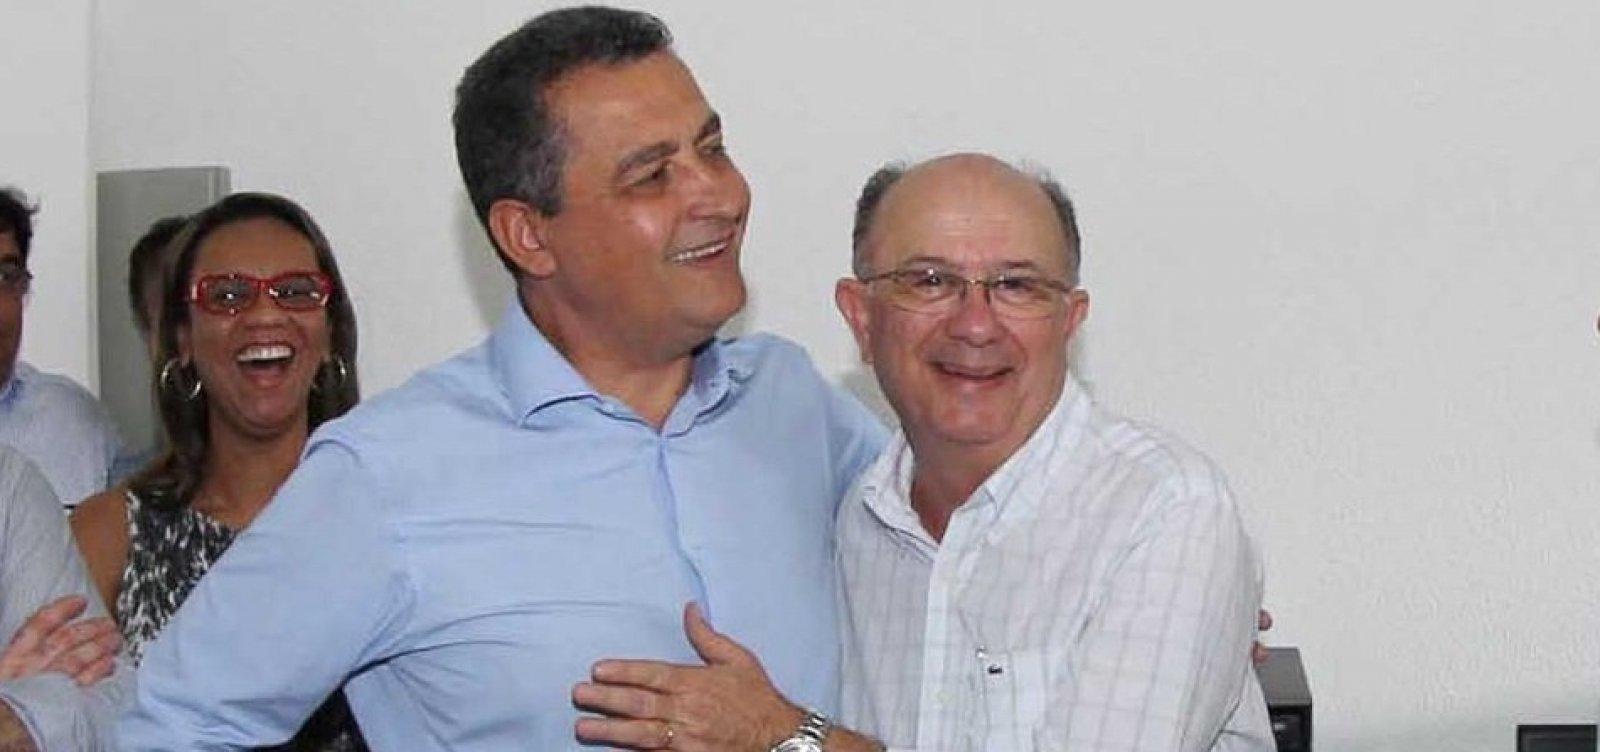 [Paraná Pesquisa: Rui Costa seria eleito no primeiro turno com 58,8% dos votos]